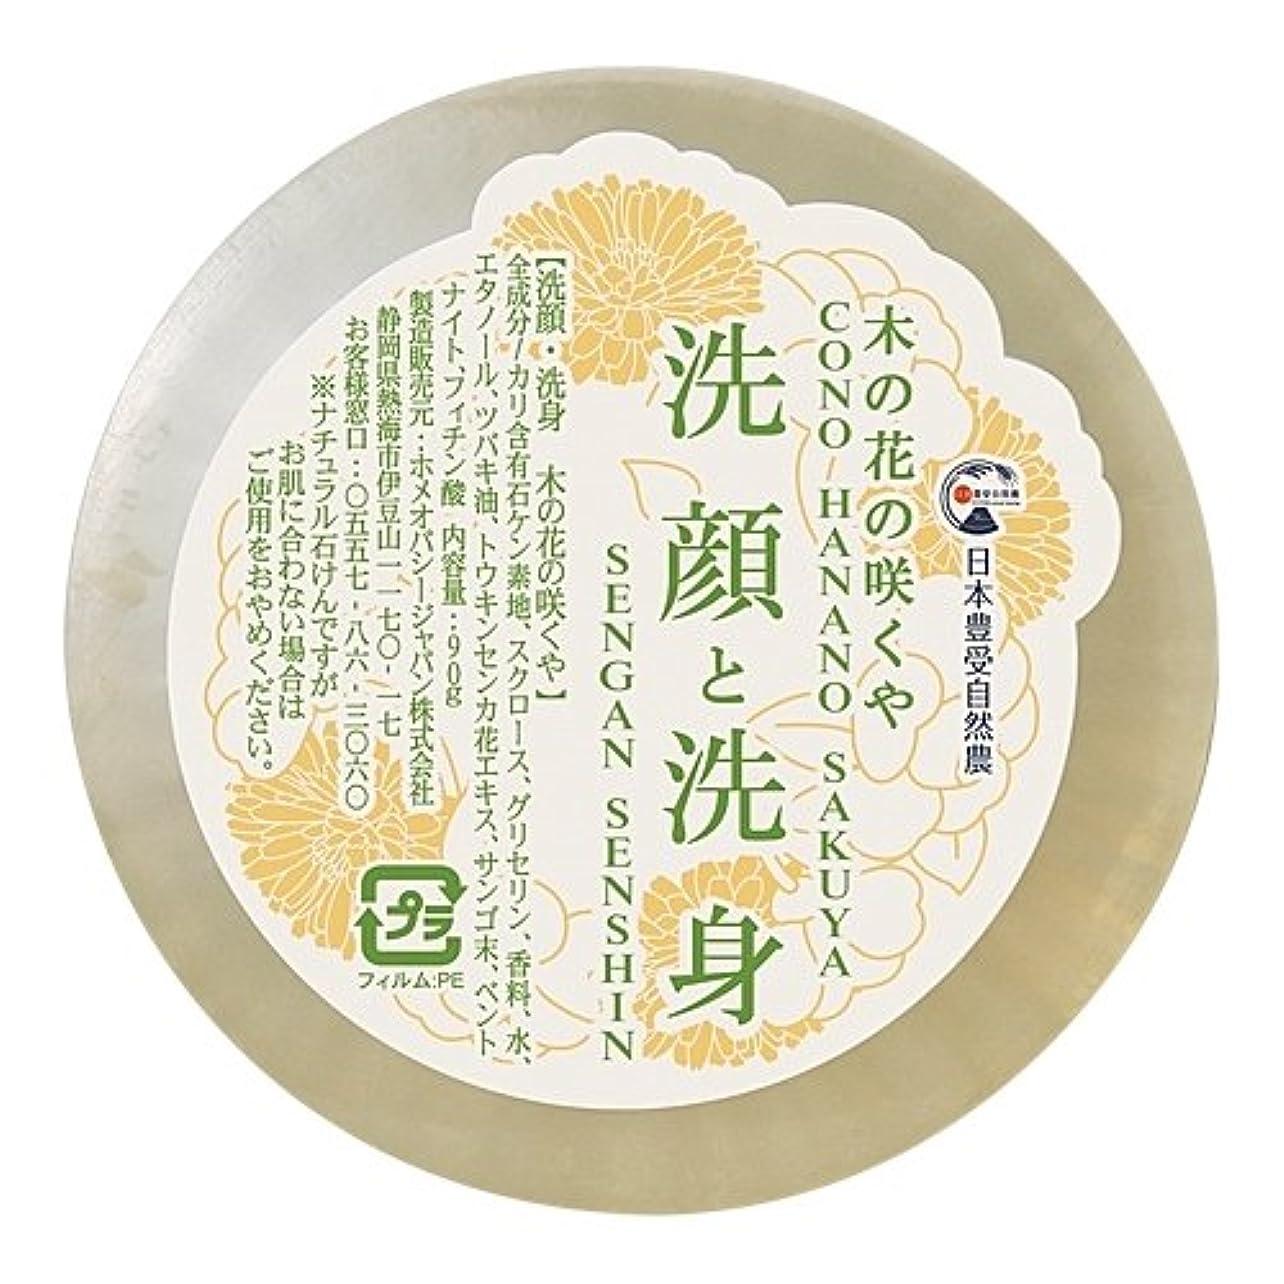 再発する拍車正確日本豊受自然農 木の花の咲くや 洗顔?洗身ソープ 90g